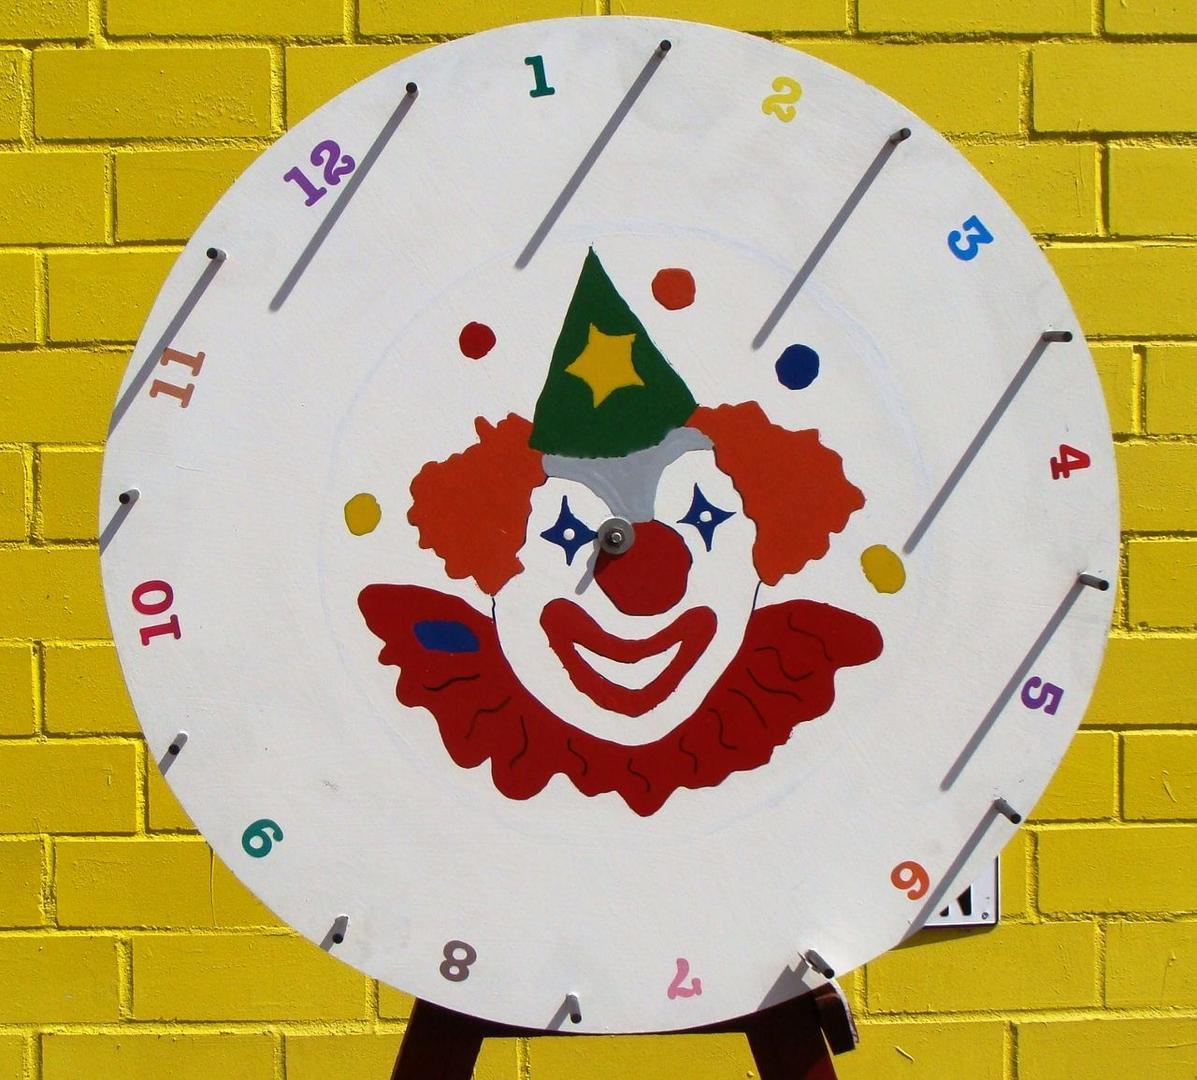 Glücksrad mieten & vermieten - Glücksrad - Gewinnspiel für lebenslustige Kids in Elsdorf (Rheinland)